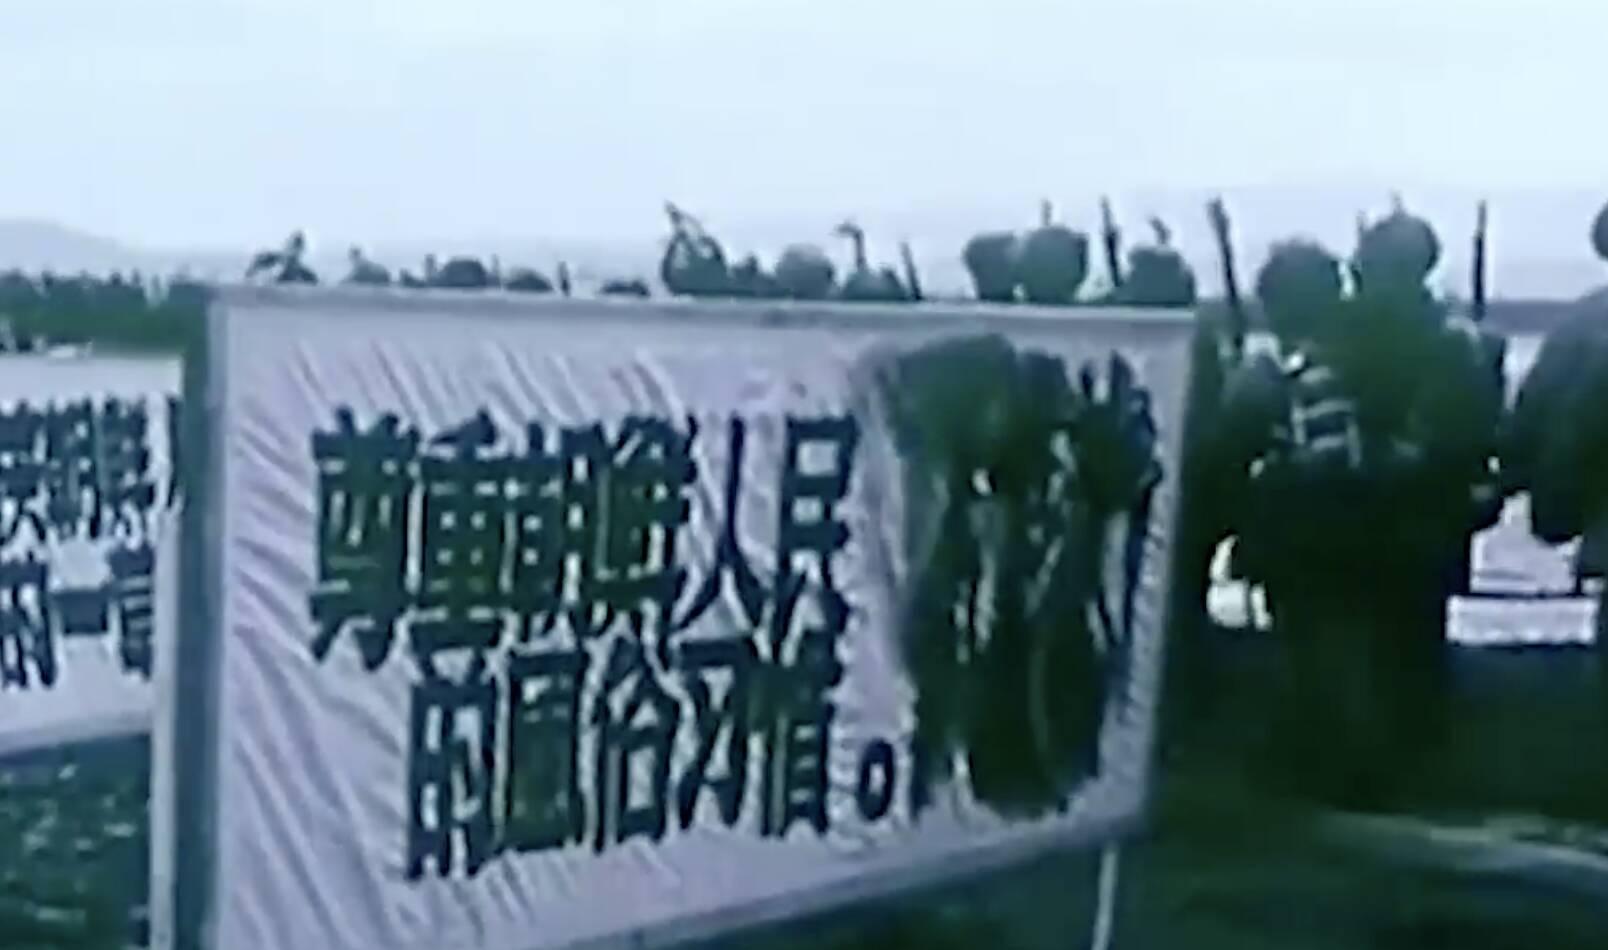 致敬最可爱的人|宁在阵前死,不在阵后亡!他们的名字,叫中国人民志愿军